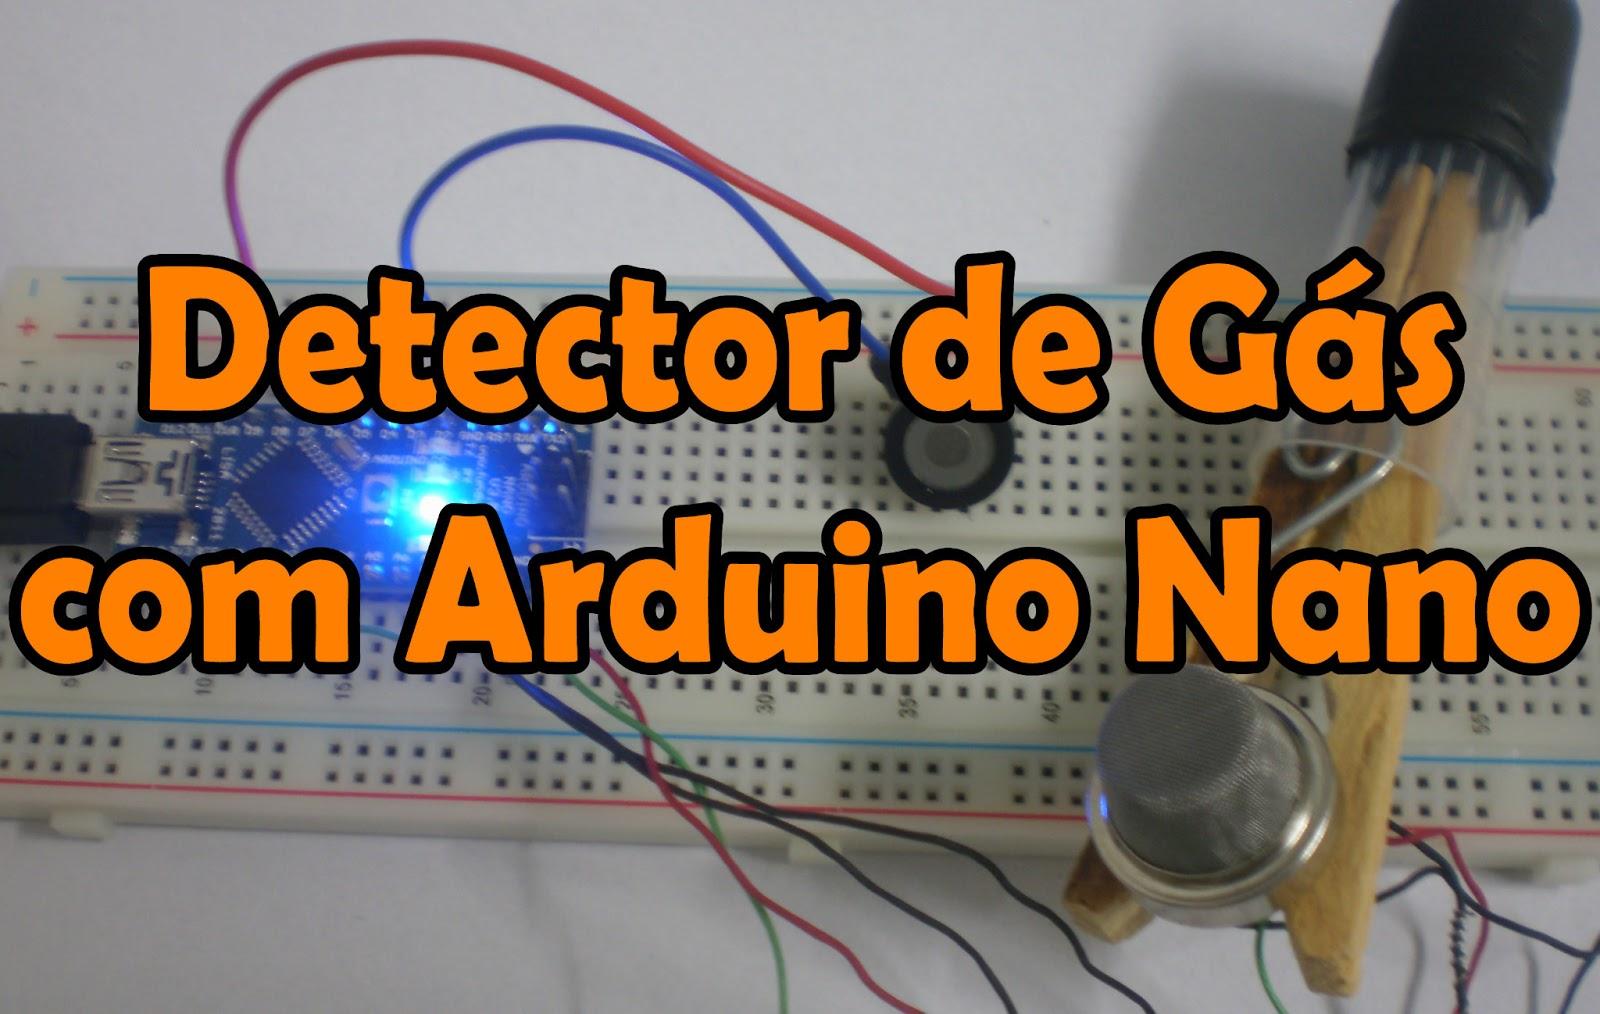 Tutorial: Detector de gás com Arduino Nano e Sensor MQ-5